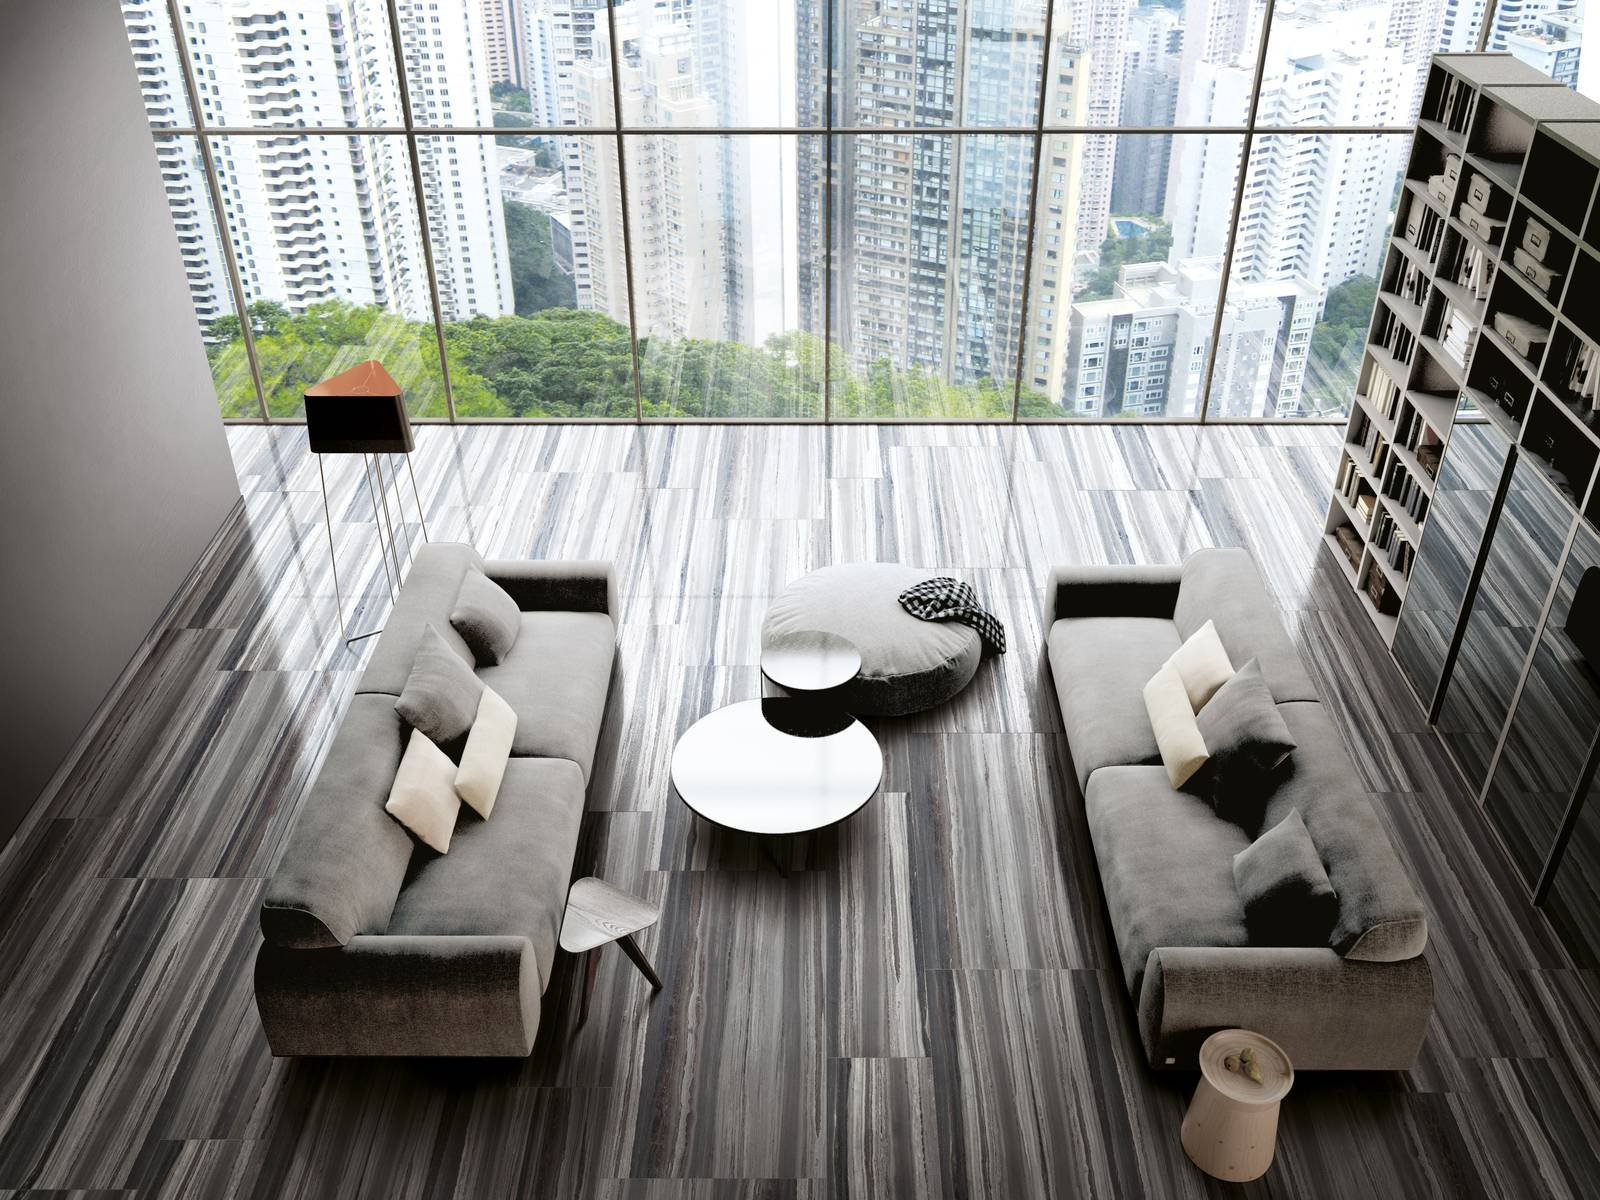 Piastrelle e rivestimenti per pareti e pavimenti: le novità da oggi